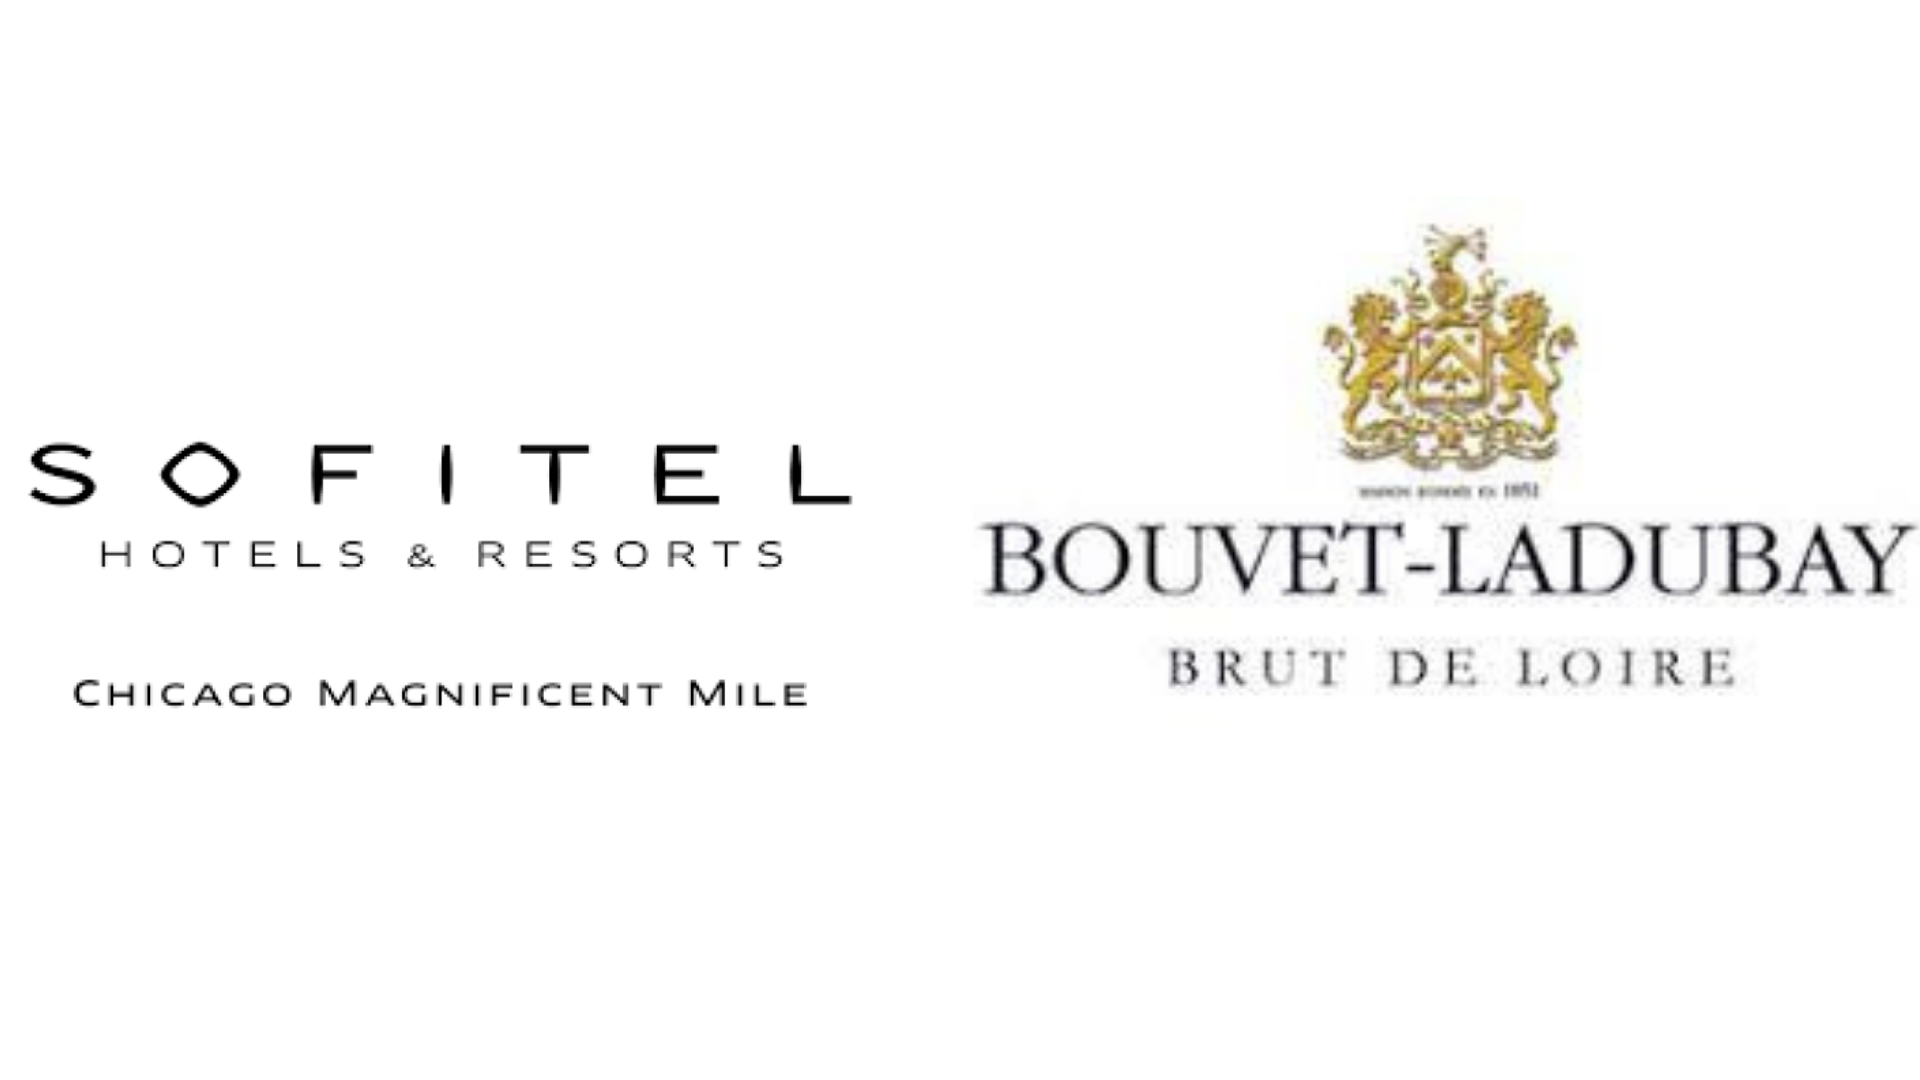 Bouvet Ladubay / Sofitel spons...